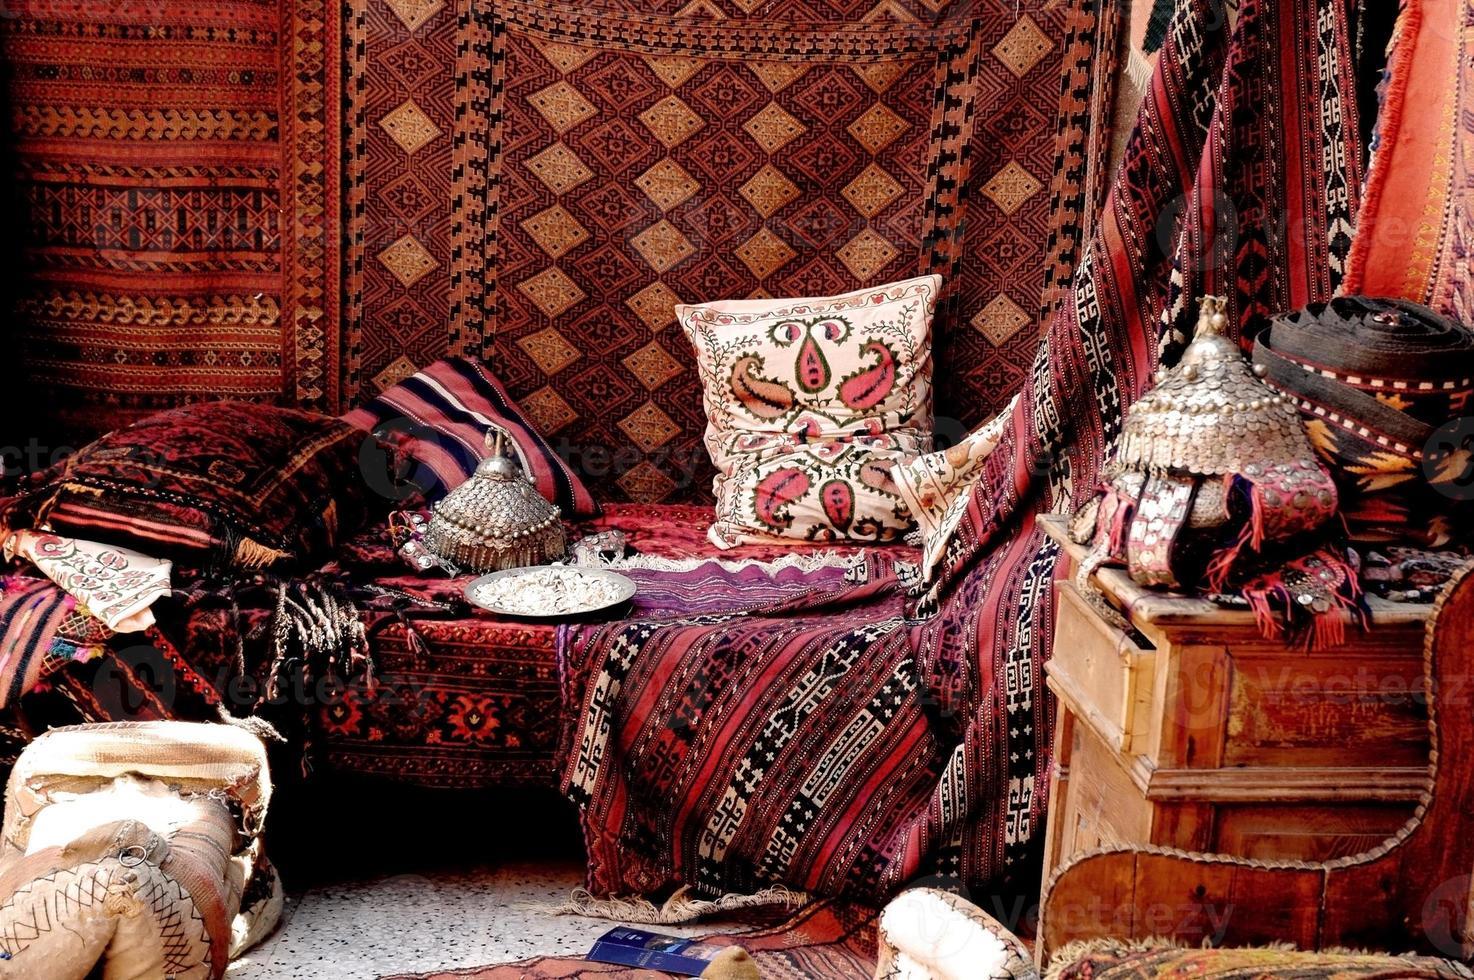 un bell'aspetto all'interno di un negozio di tappeti turchi in un bazar foto